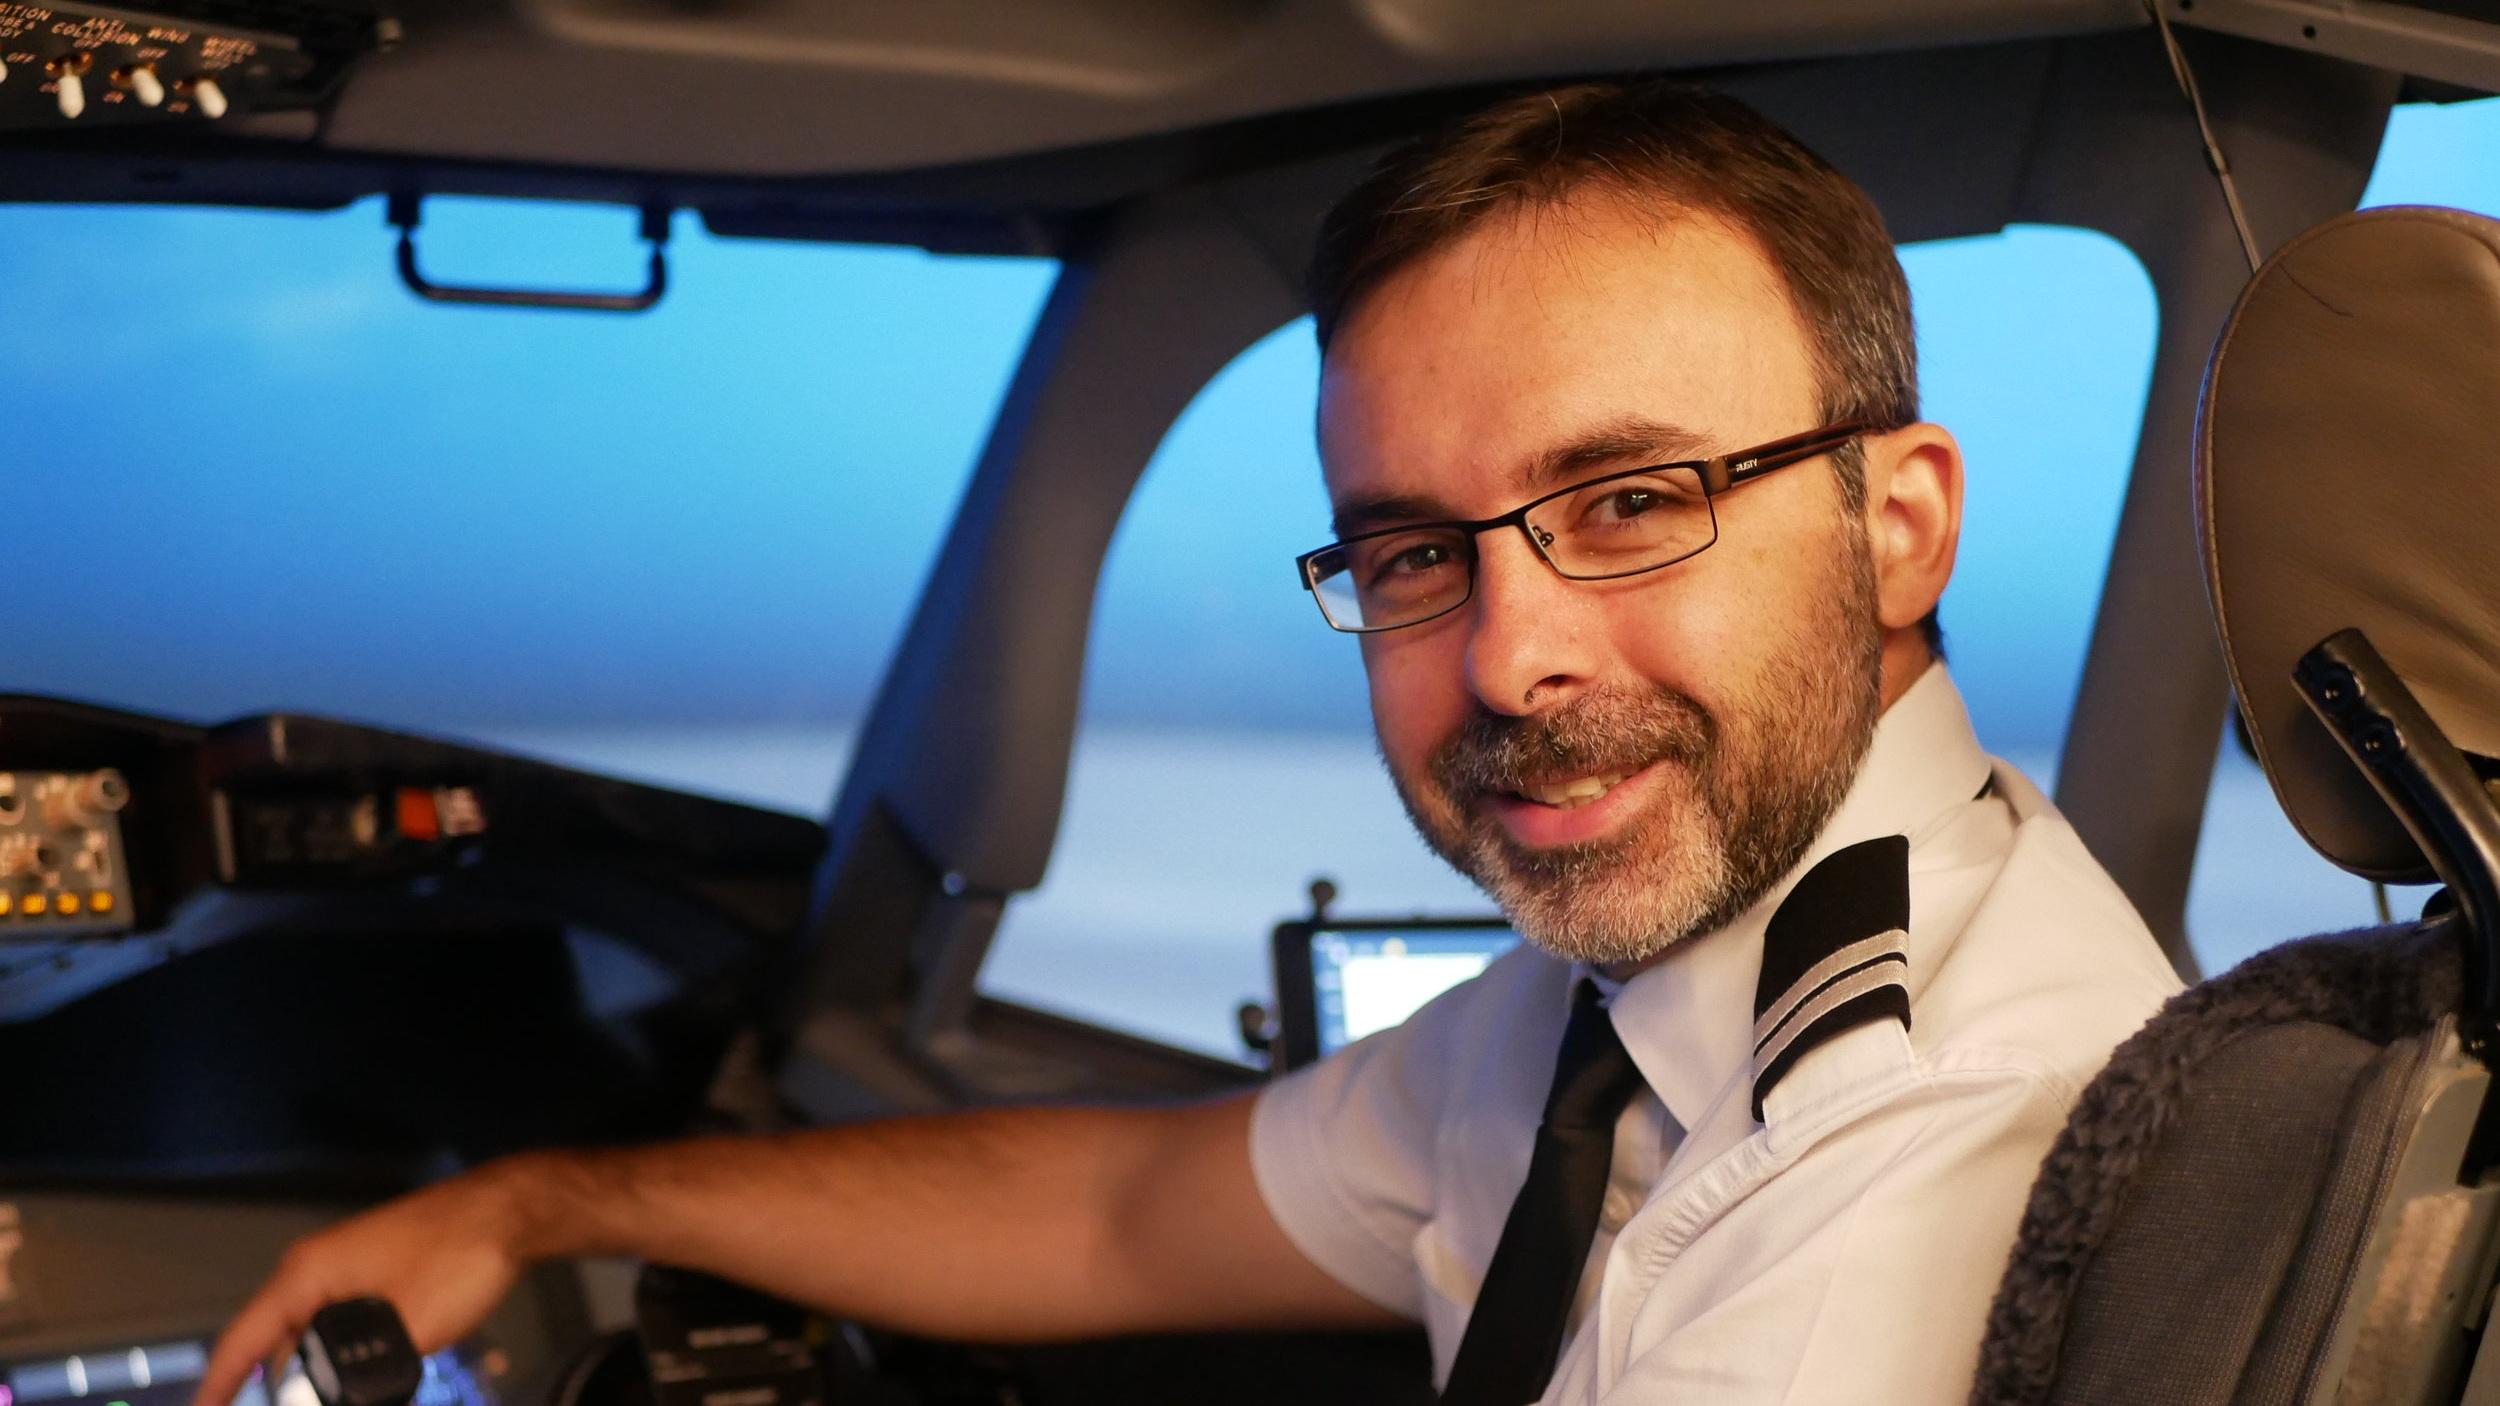 Martin in VAs Boeing 737 simulator during his APS MCC training.